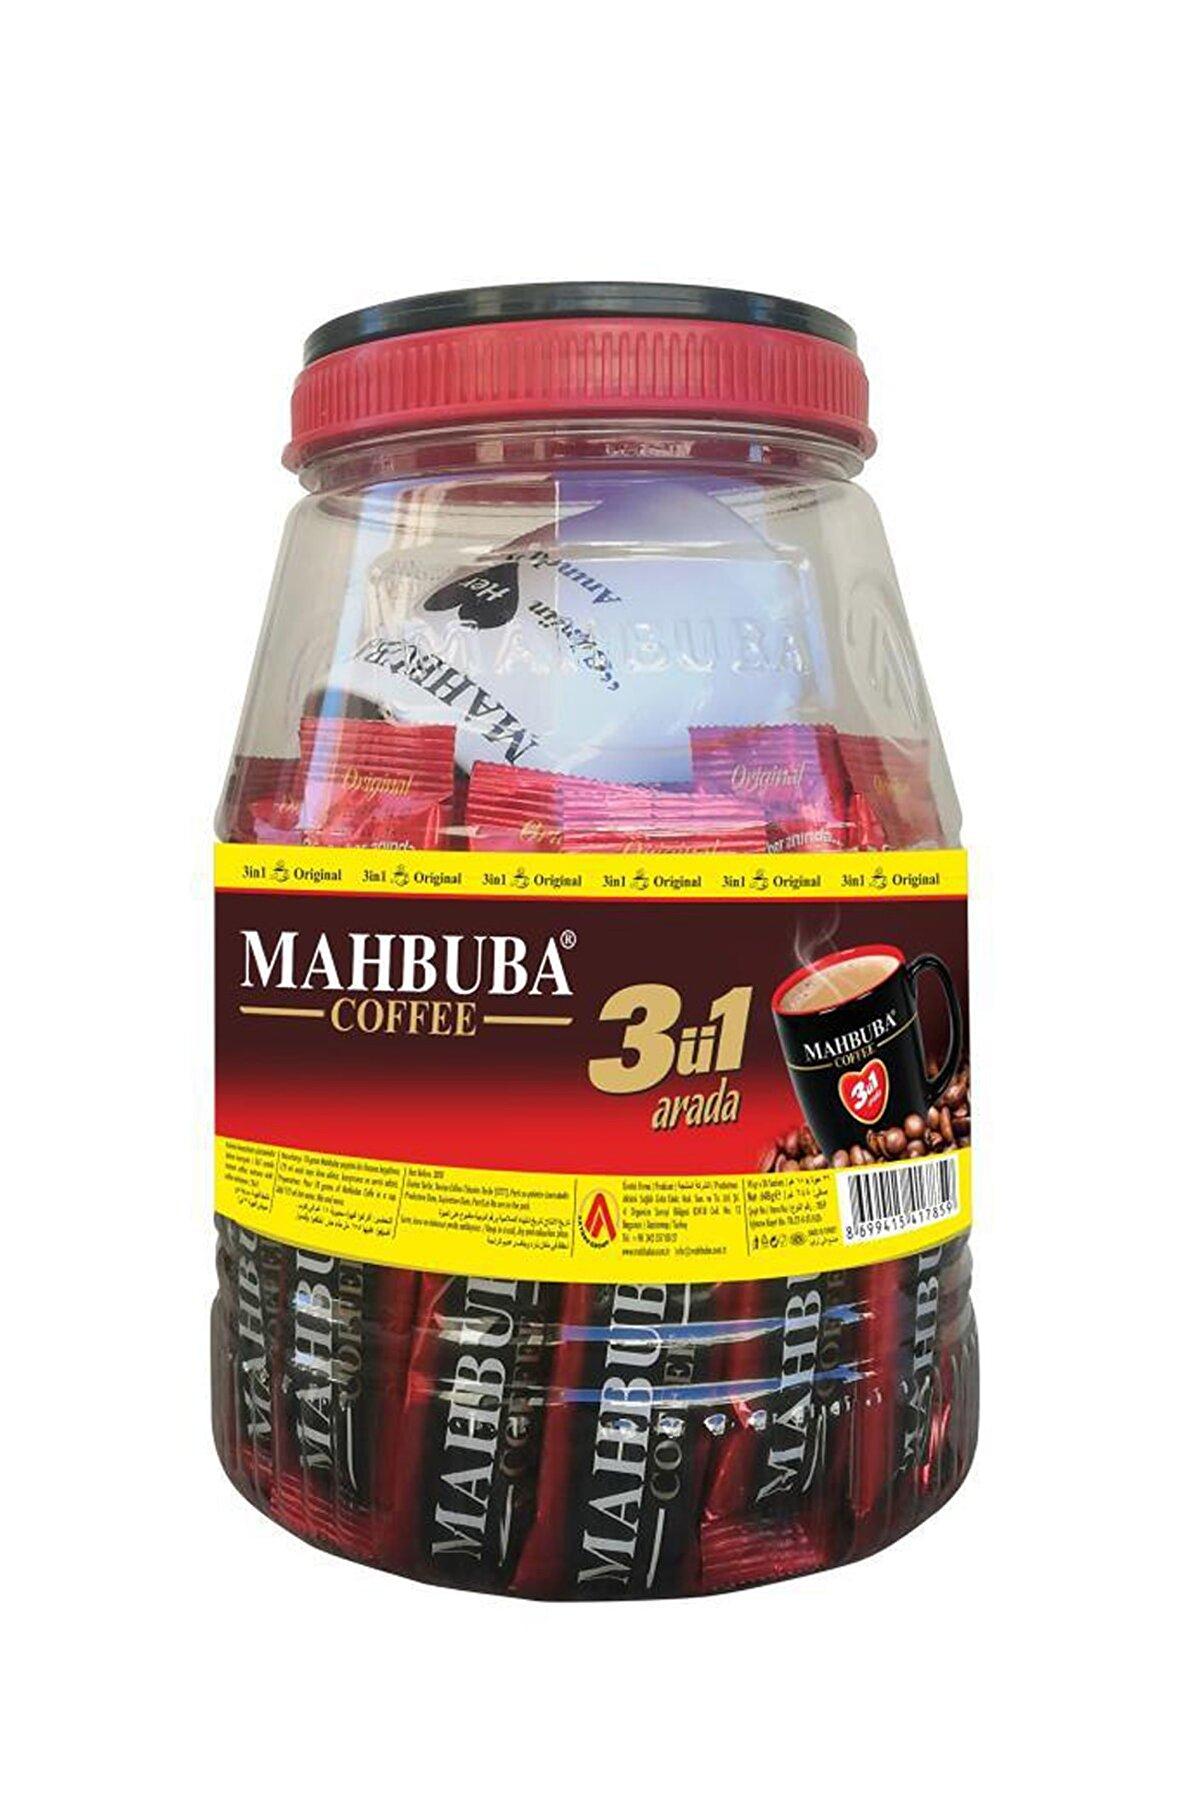 ELDEST Mahbuba 3ü1 Arada Kavanoz Kahve 36x18gr +Renkli Kupa Hediyeli